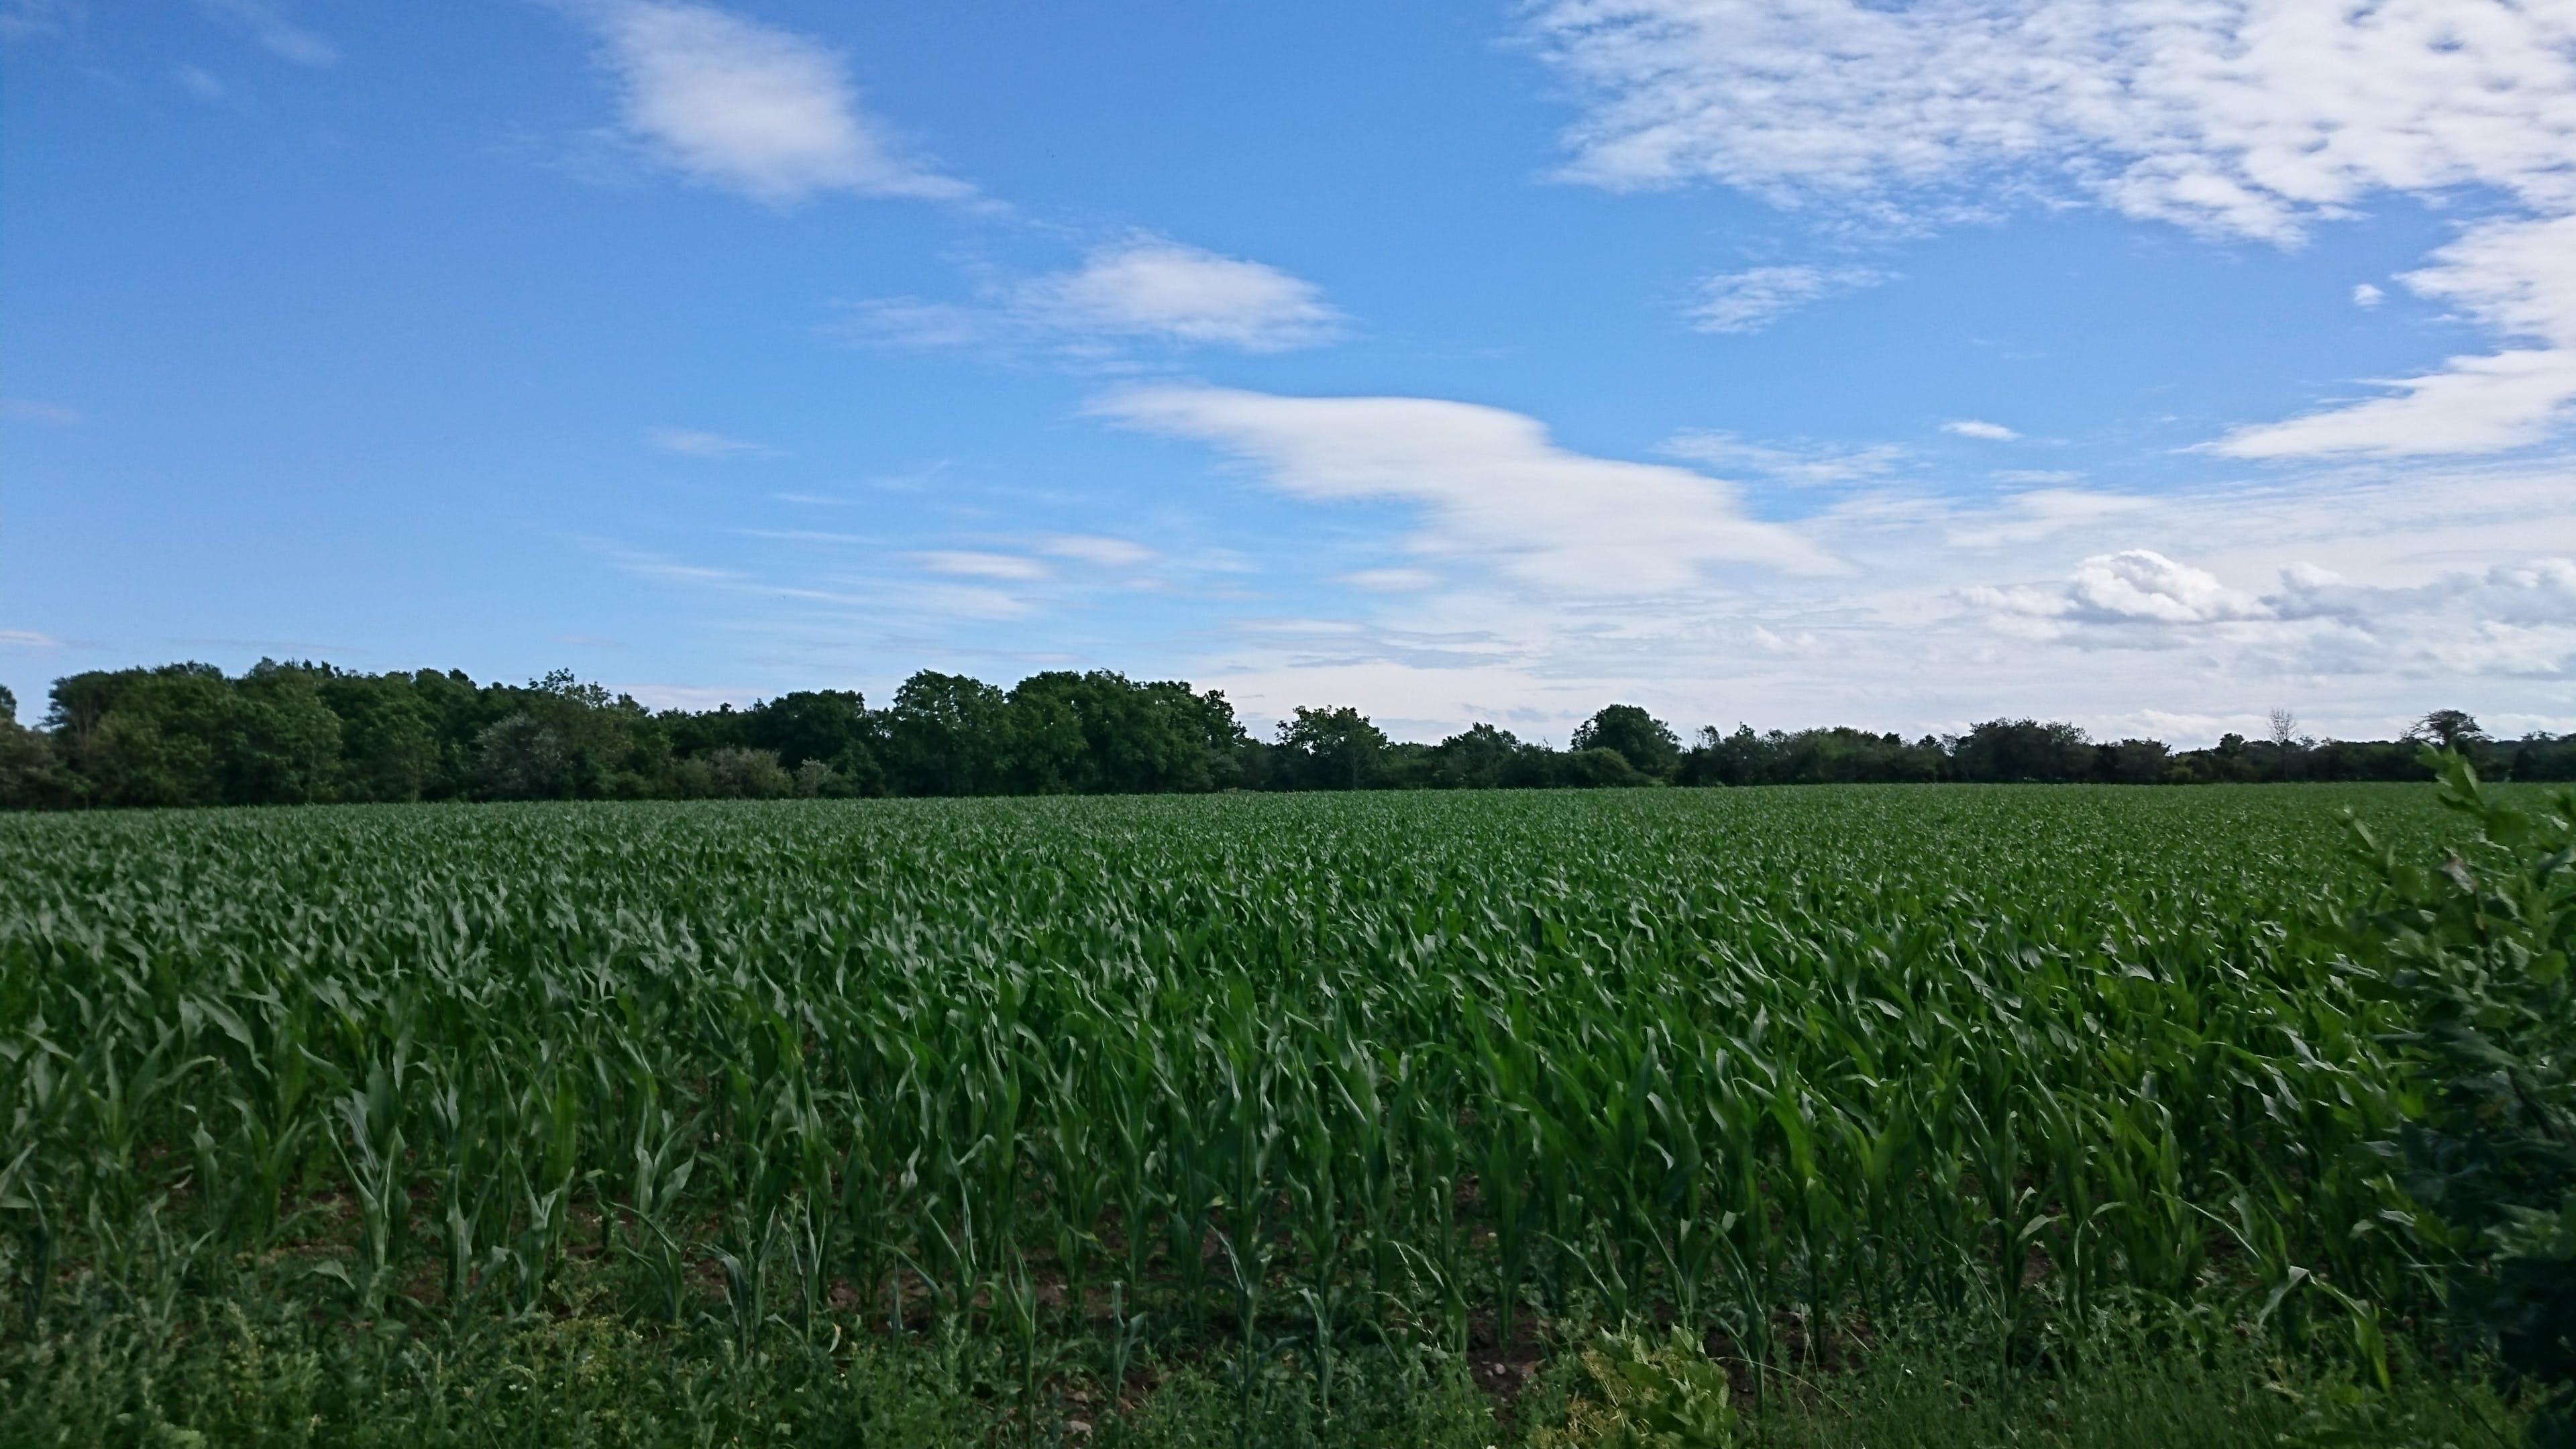 Kostnadsfri bild av beskära, bete, blå himmel, bondgård